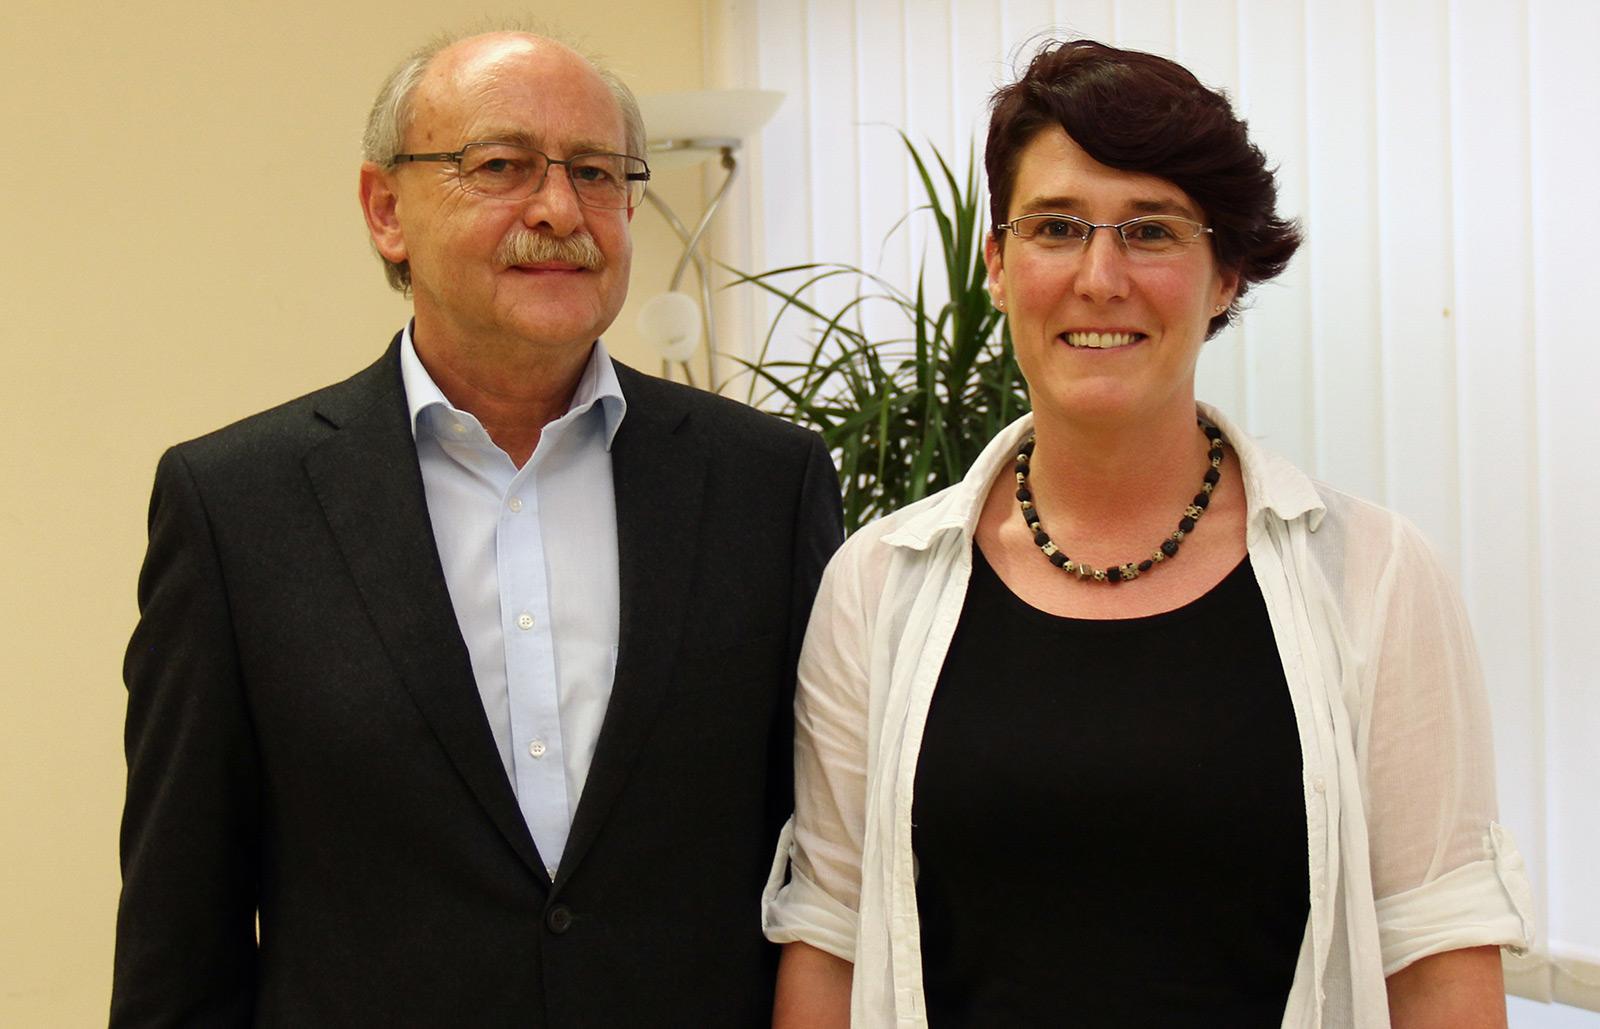 Georg Sedlmeier und Ingrid Neubauer